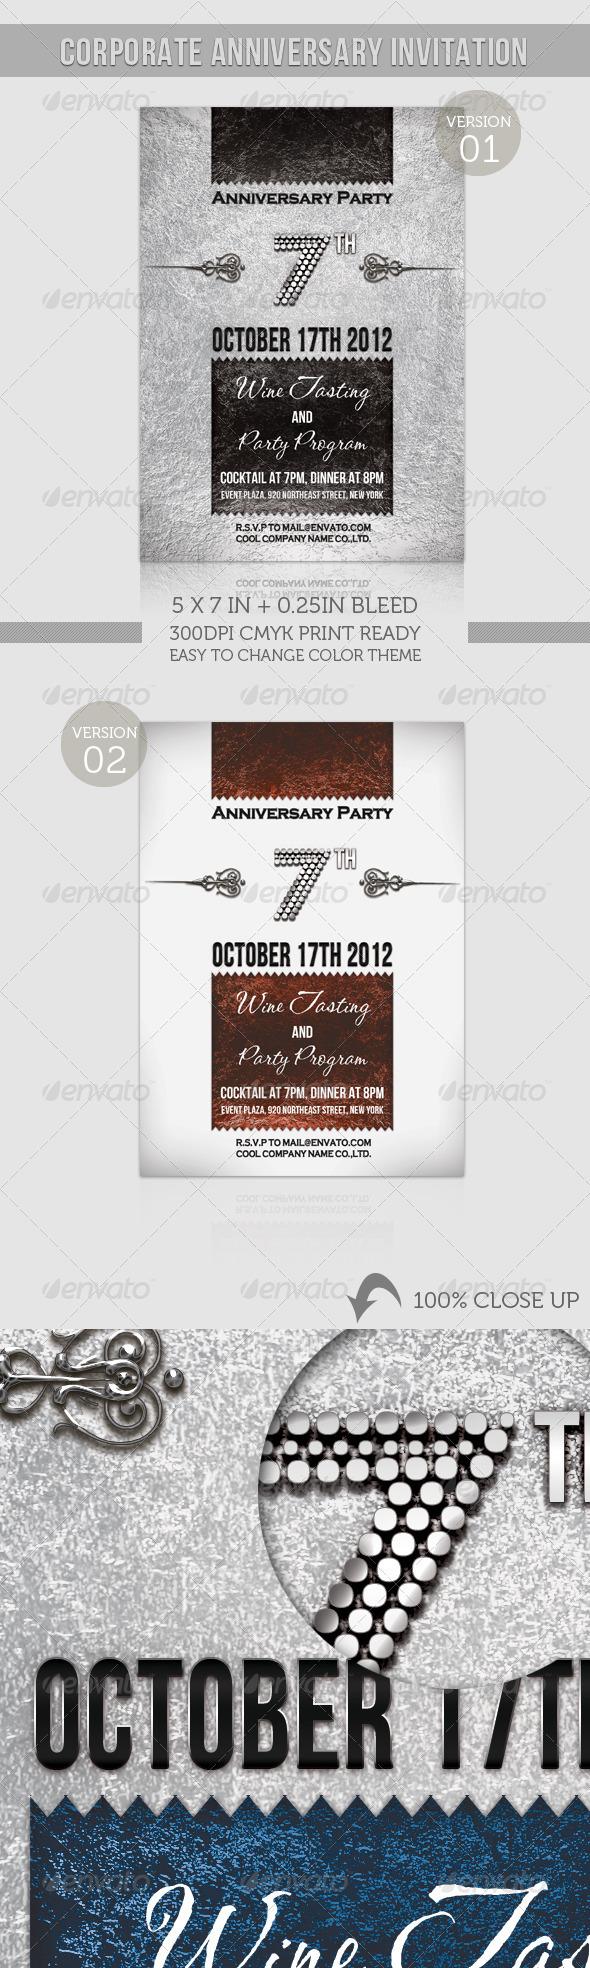 GraphicRiver Corporate Anniversary Invitation 1294625